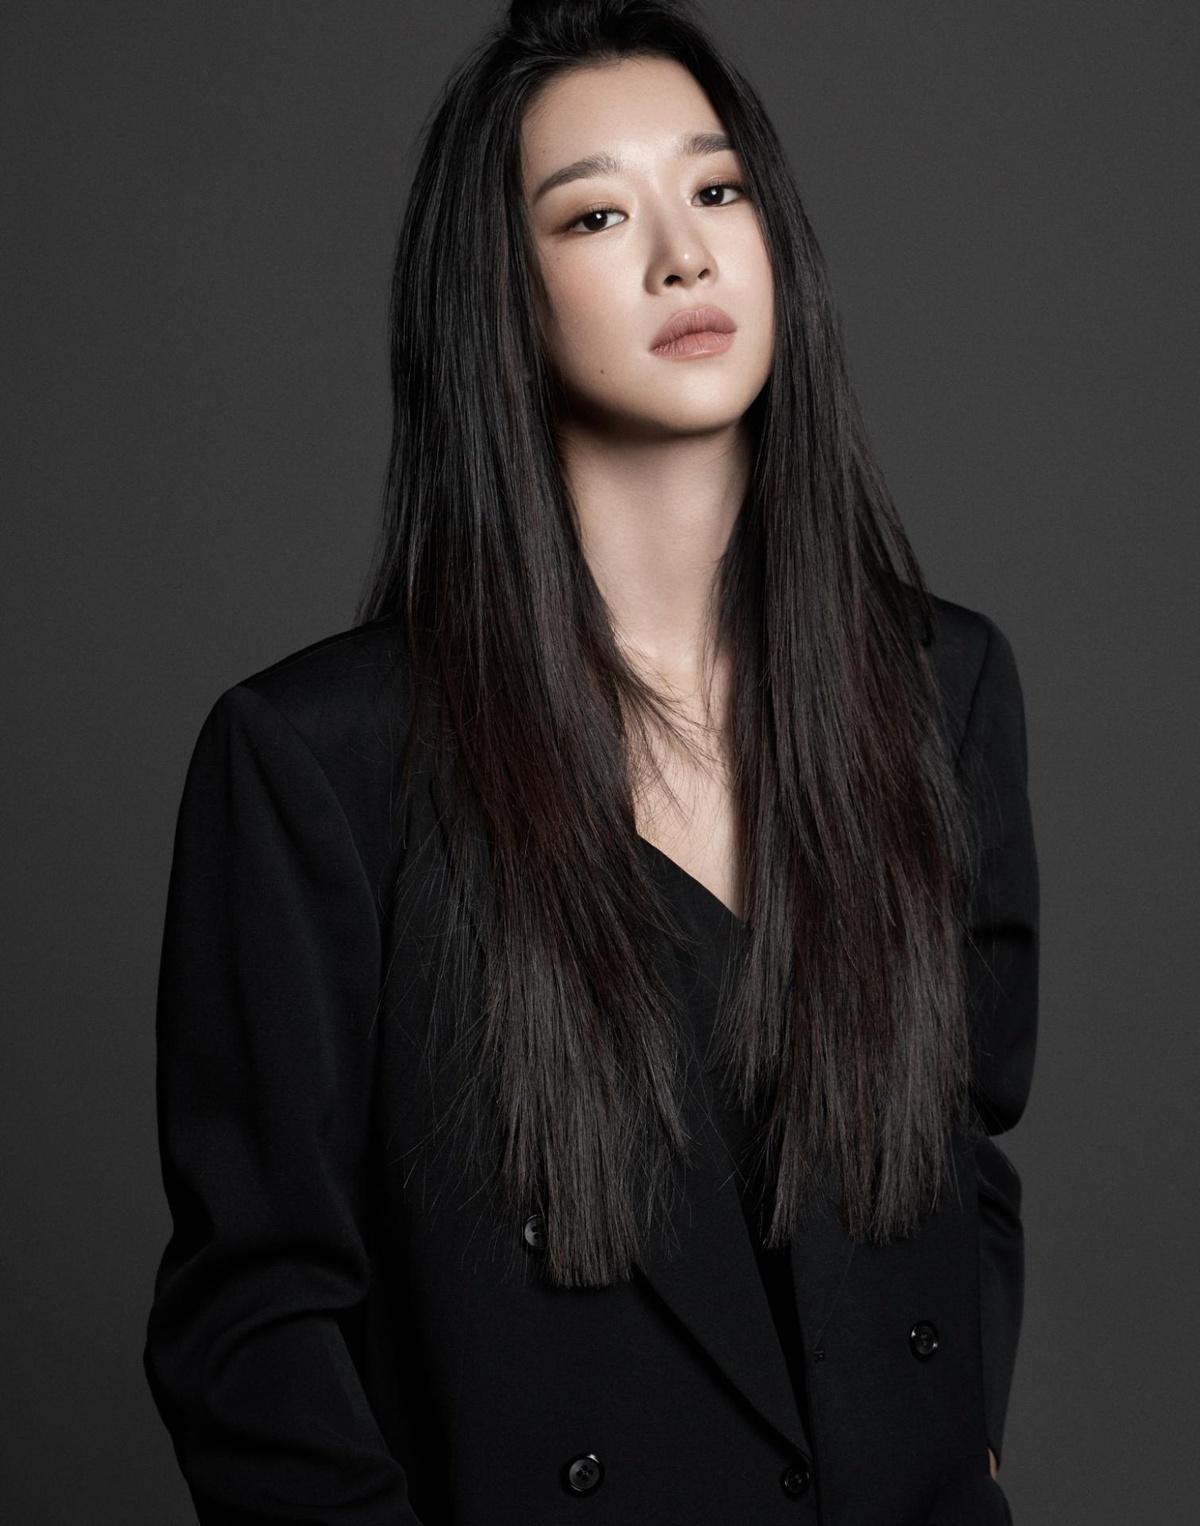 Seo Ye Ji bị bóc quá khứ bạo lực, netizen đào mộ gấp loạt cảnh đánh người ở phim cũ - Ảnh 2.